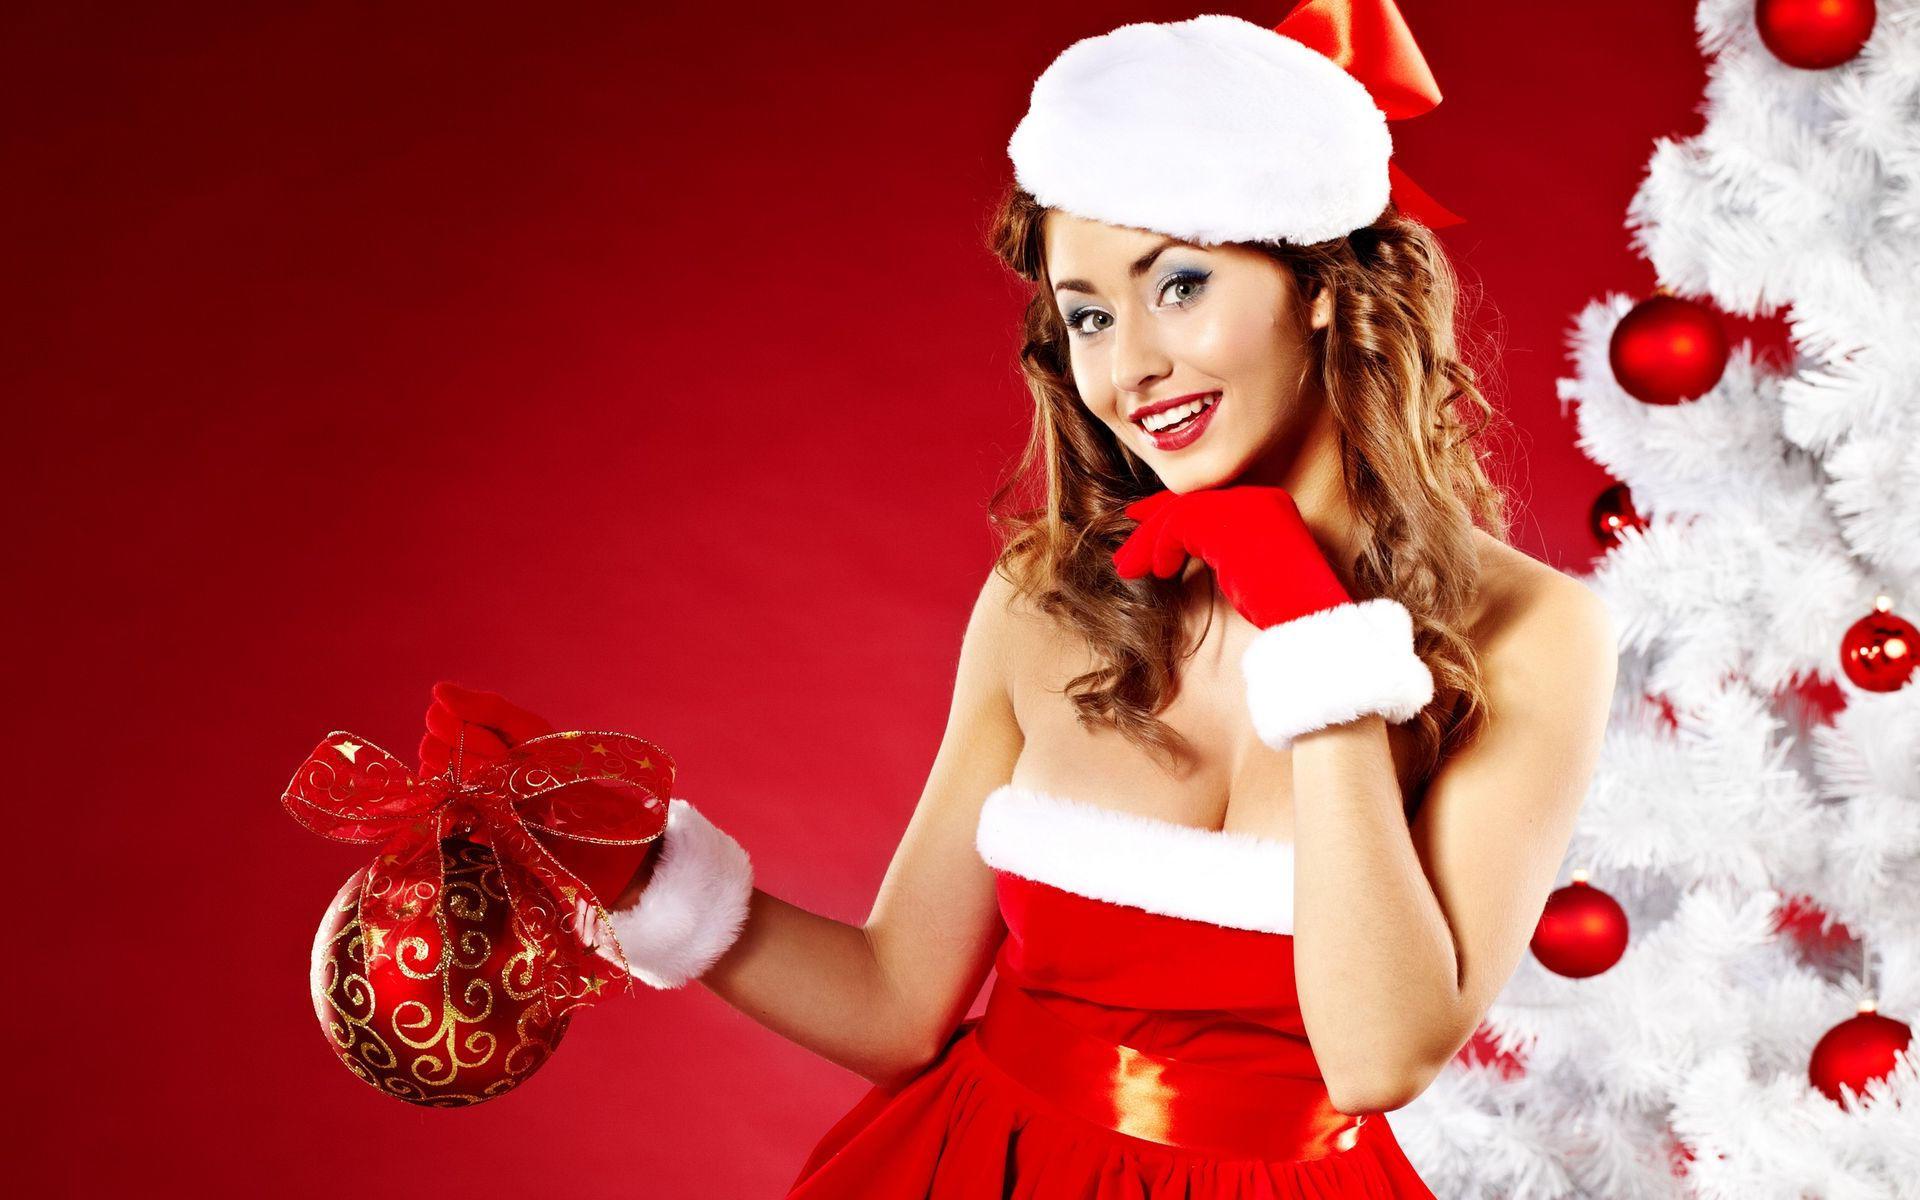 фото красивых девушек в костюме снегурочки твоя